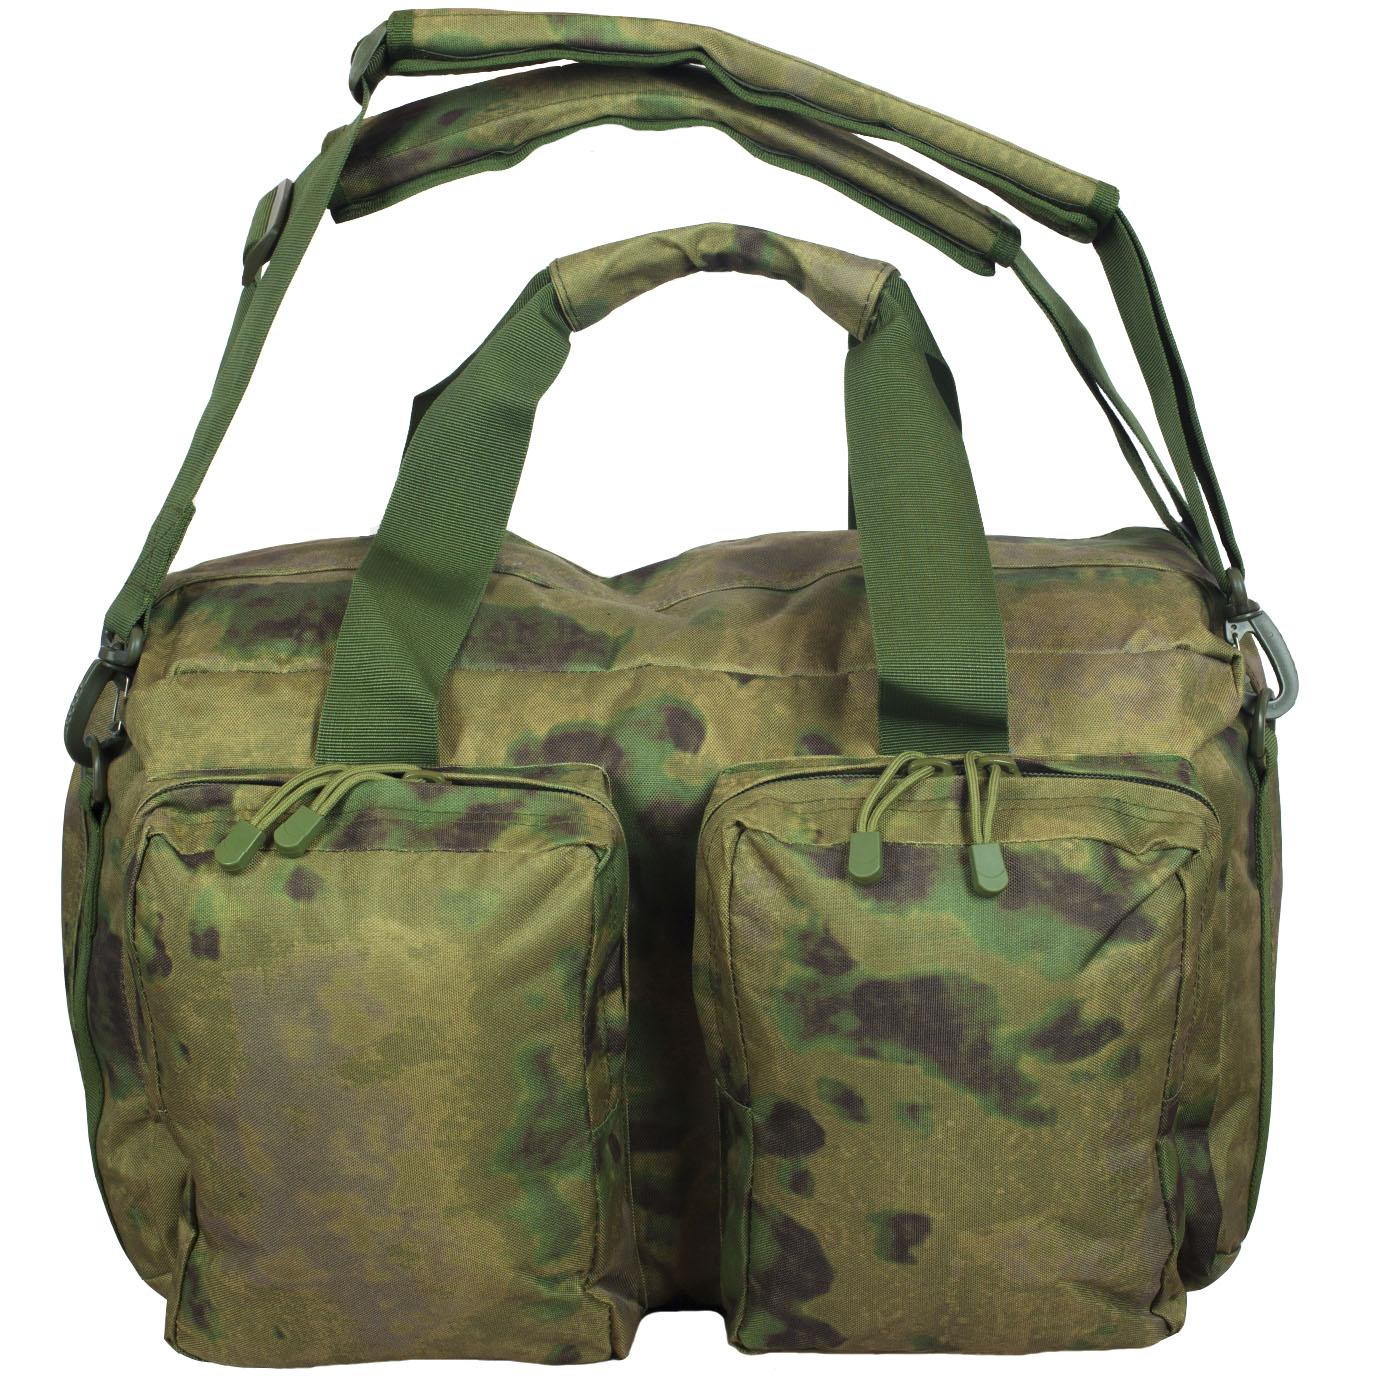 Камуфлированная заплечная сумка с нашивкой Погранвойска - заказать оптом